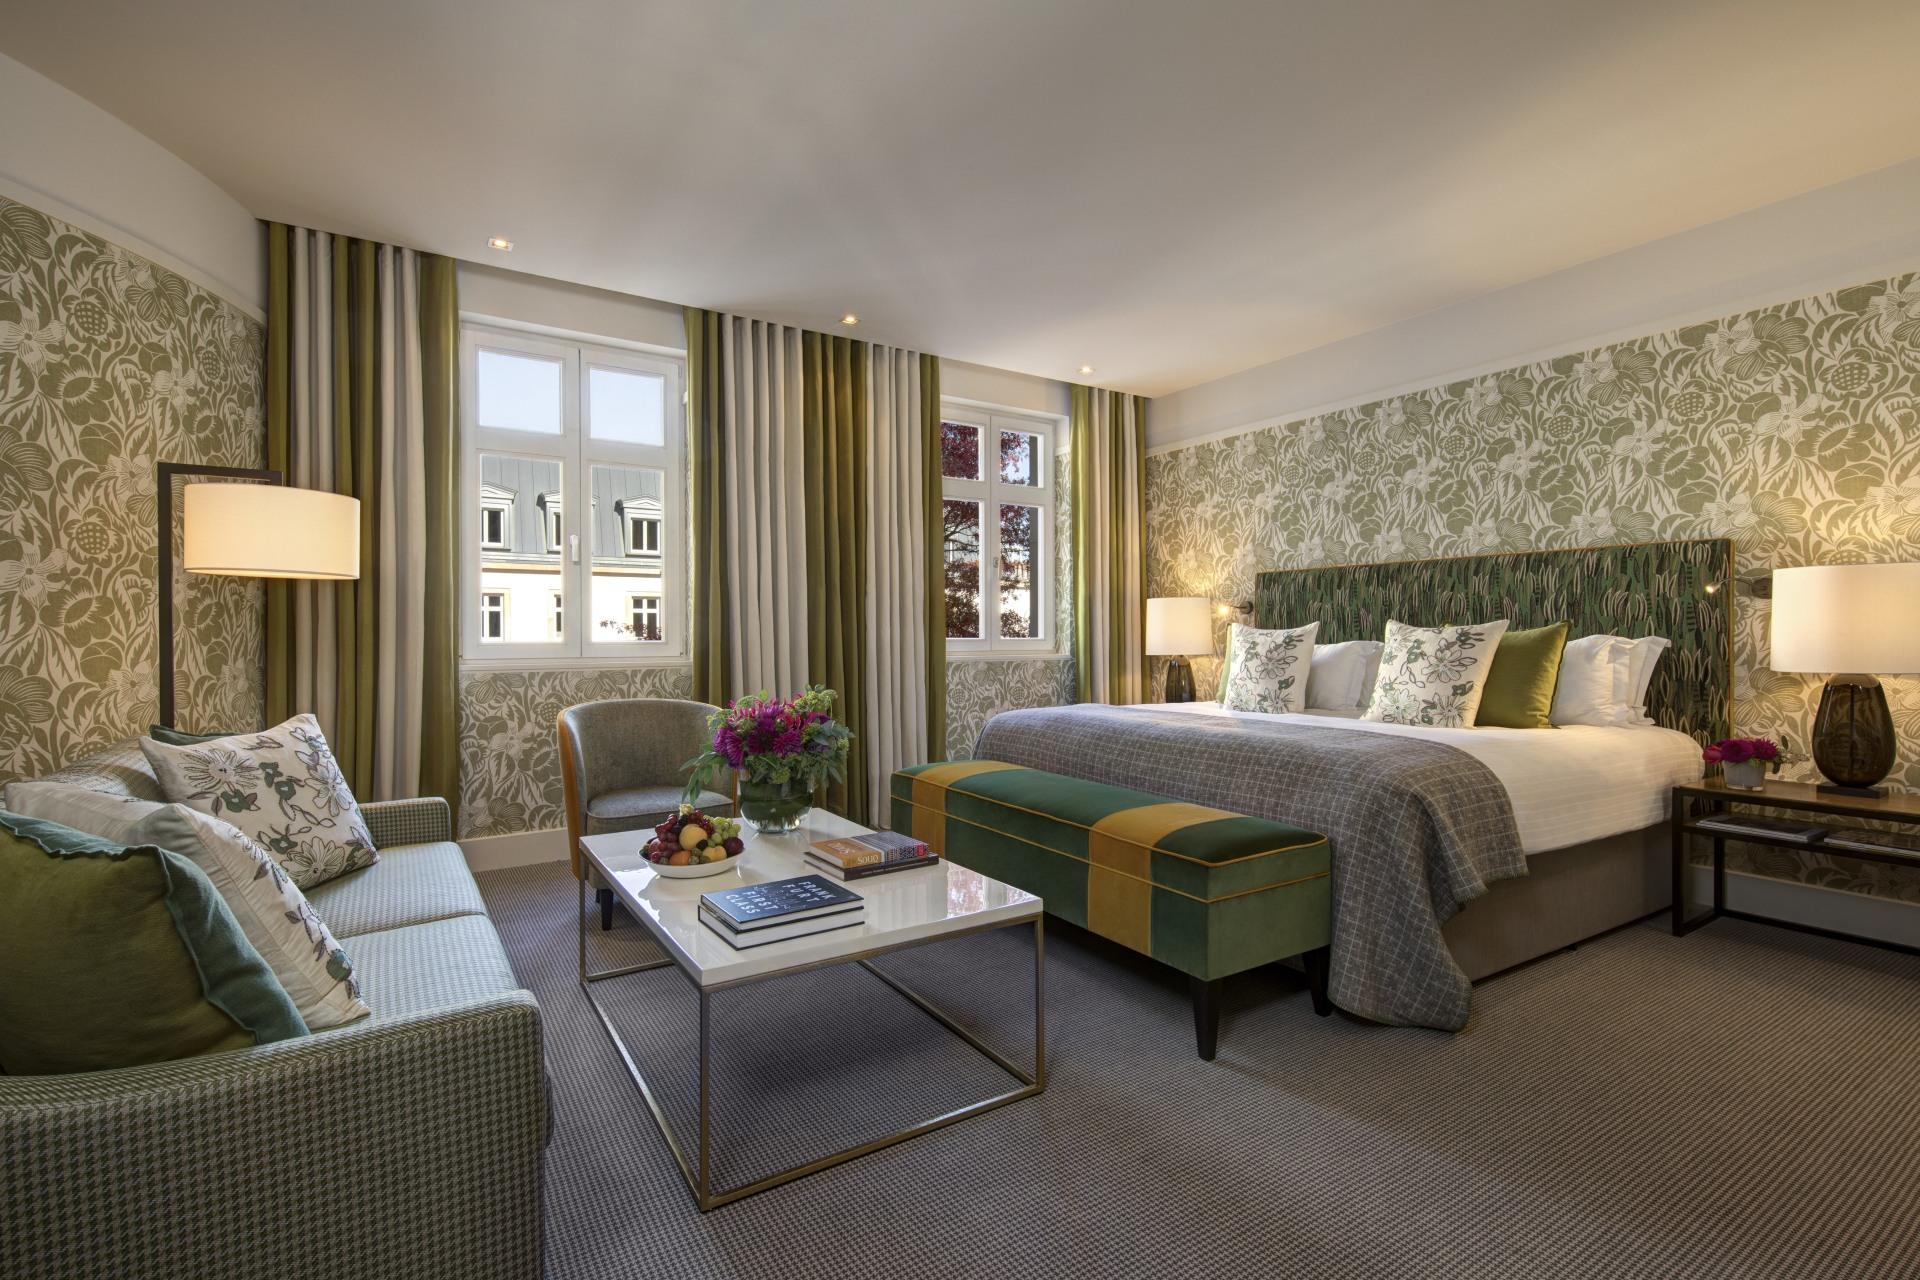 Wohn- und Schlafbereich der Zimmer